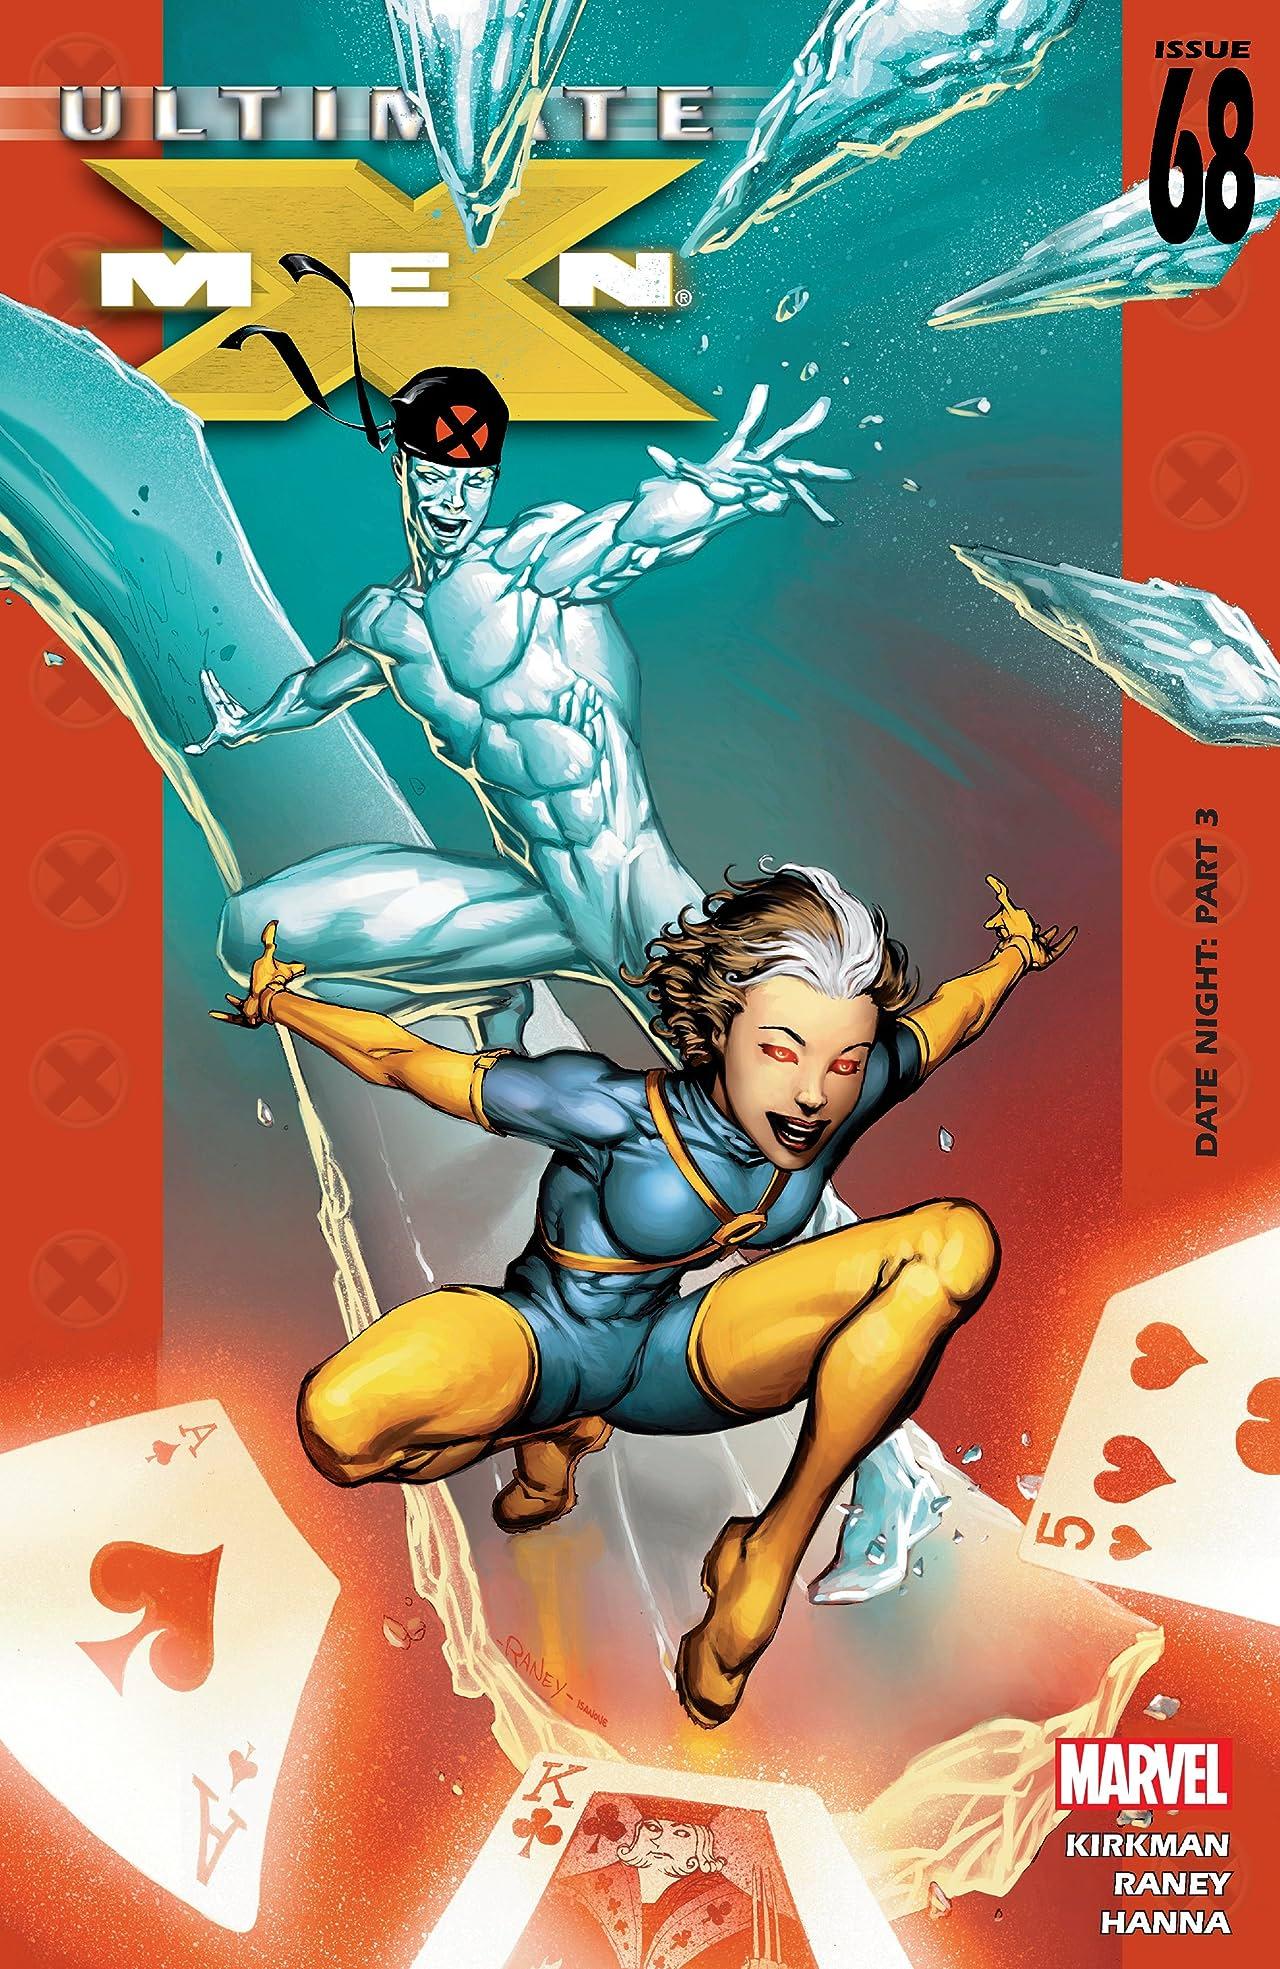 Ultimate X-Men #68